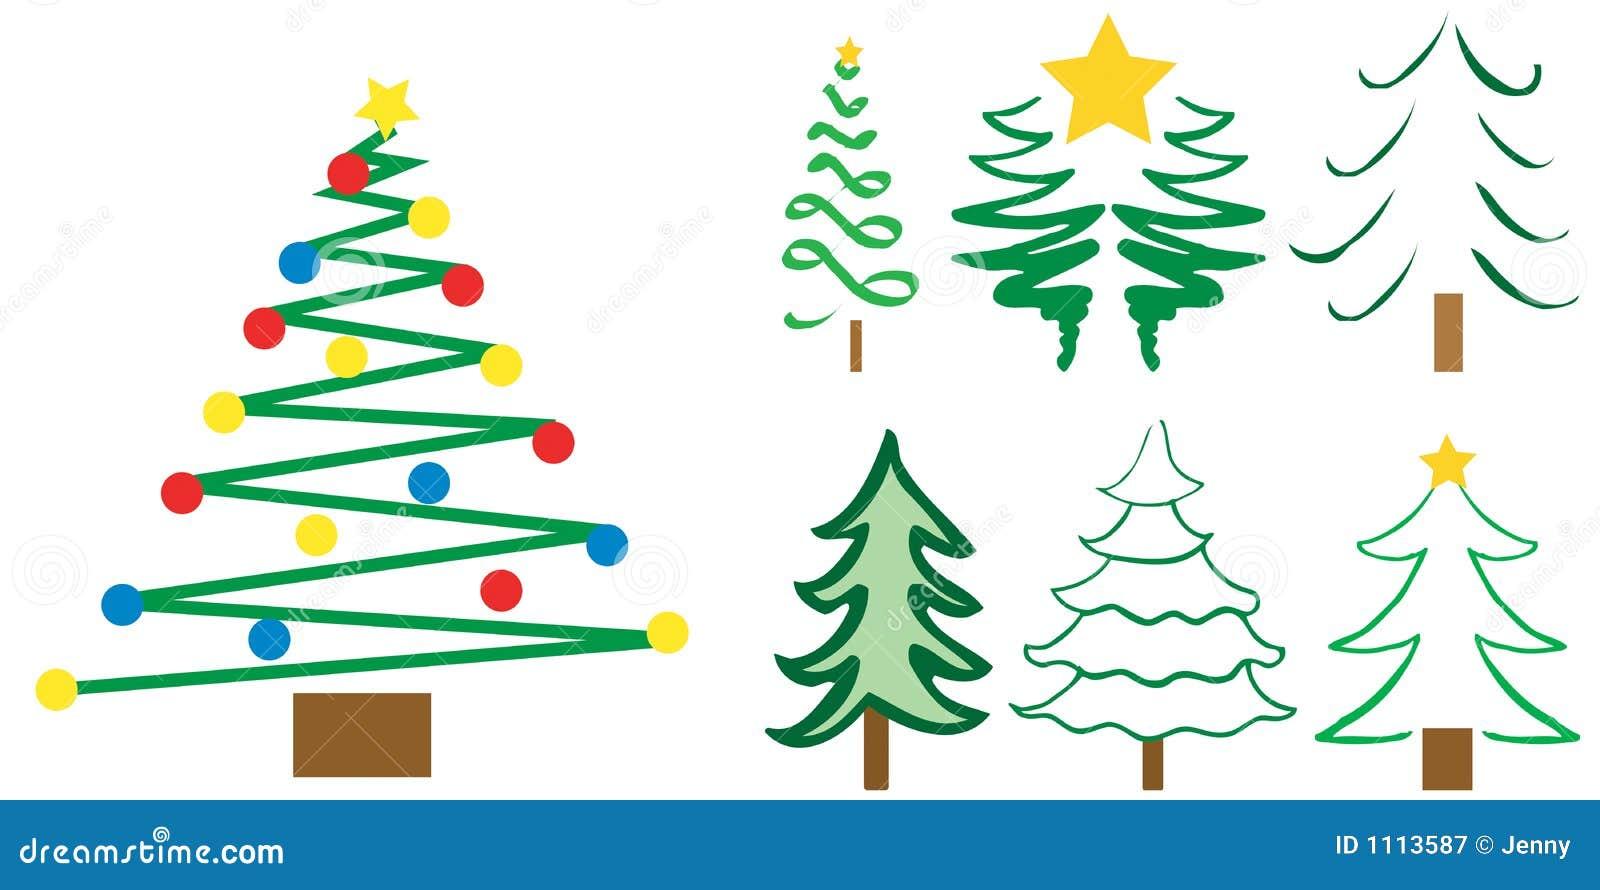 Dise os del rbol de navidad ilustraci n del vector - Arbol de navidad diseno ...